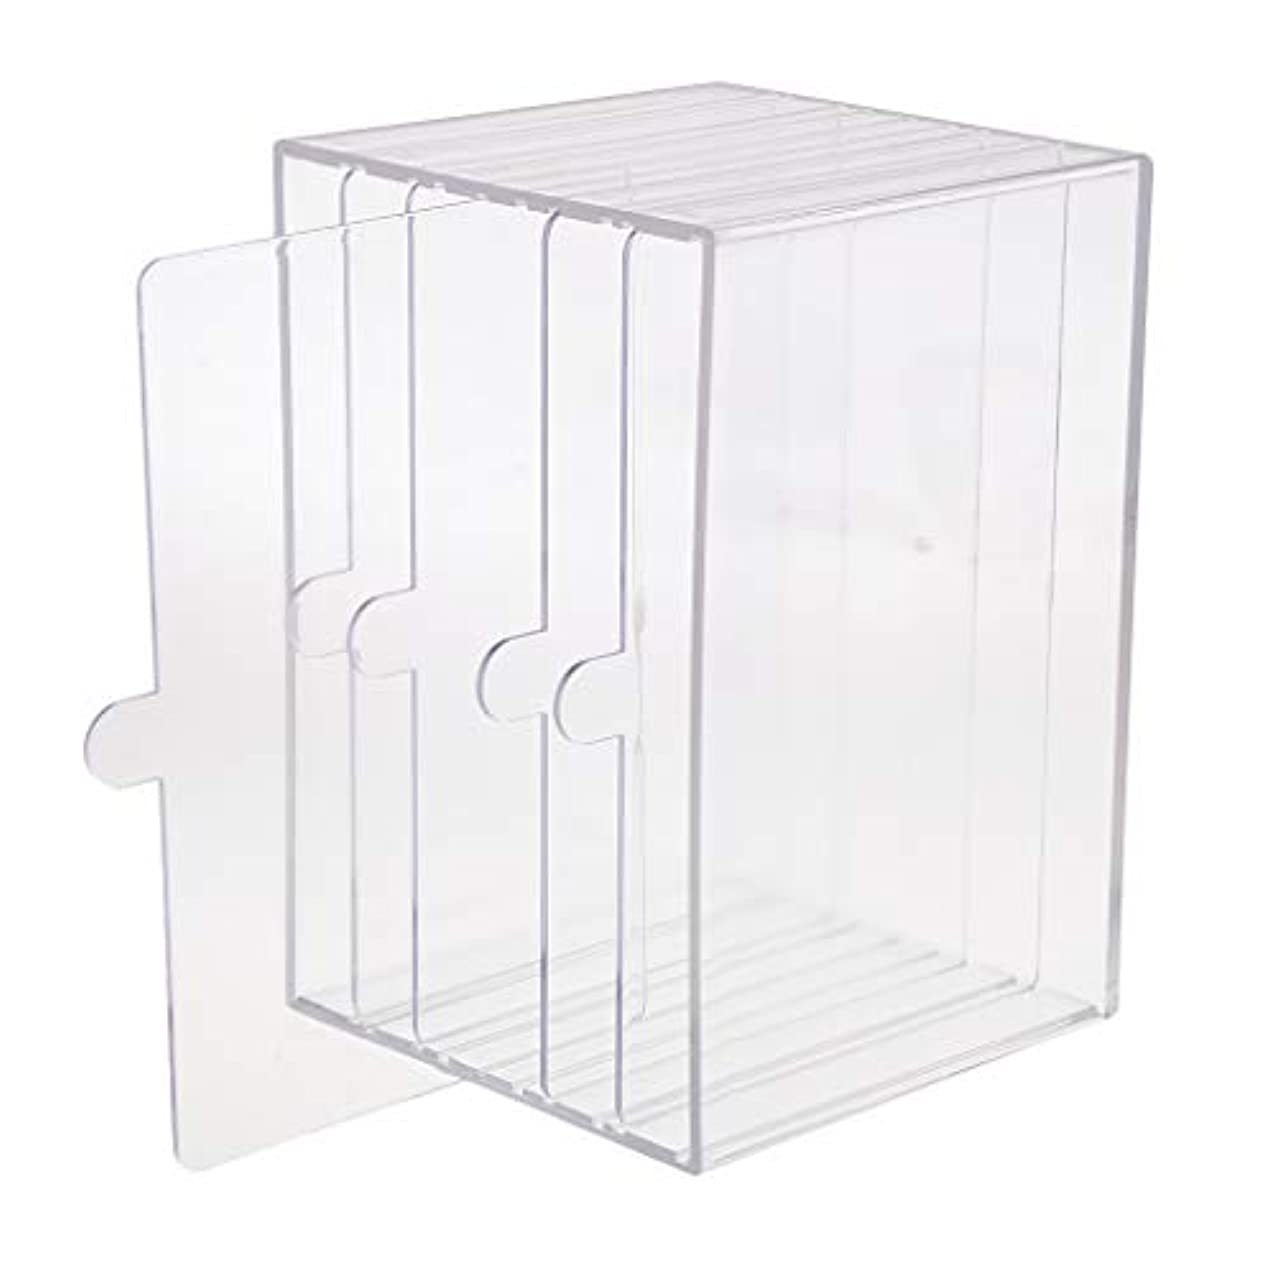 普遍的な用心する用心深いchiwanji ネイルチップ ディスプレイ 収納ボックス 小物入り 収納容器 ディスプレイケース